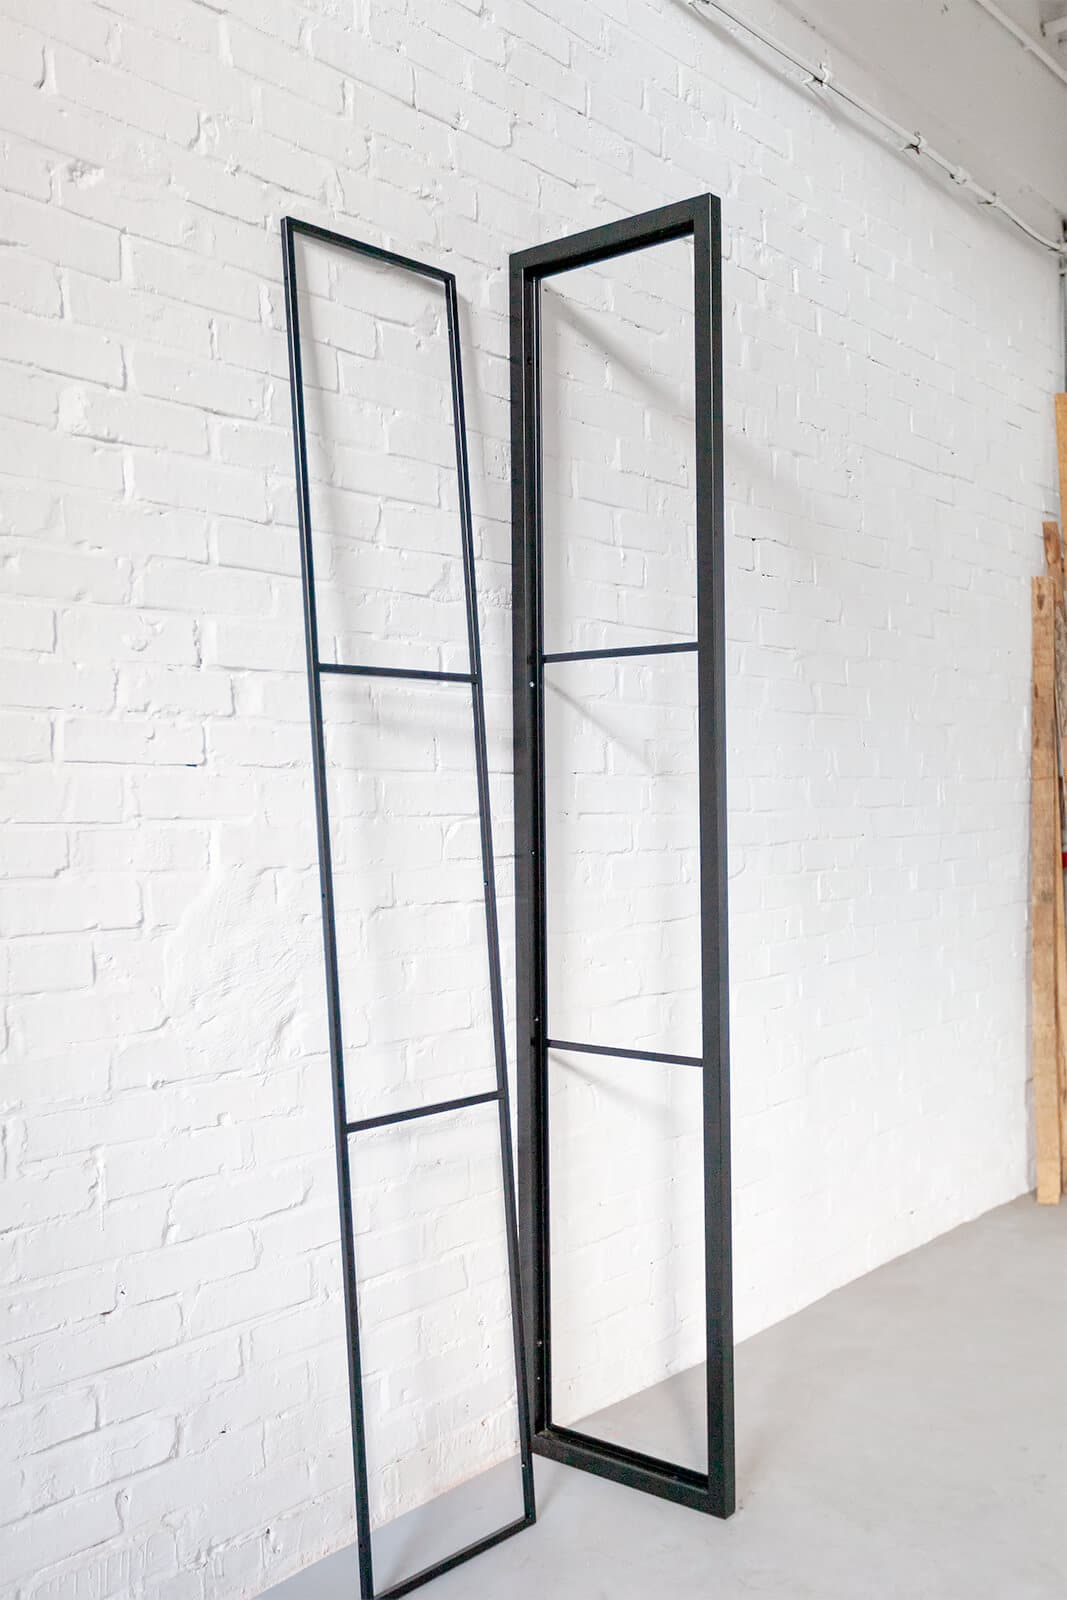 Loftstahl, Loft-Stahl.de - N51E12, Stahlrahmen, Lofttür, Konstruktion, Designtür, Stahlrahmen, Loft, Stahltür